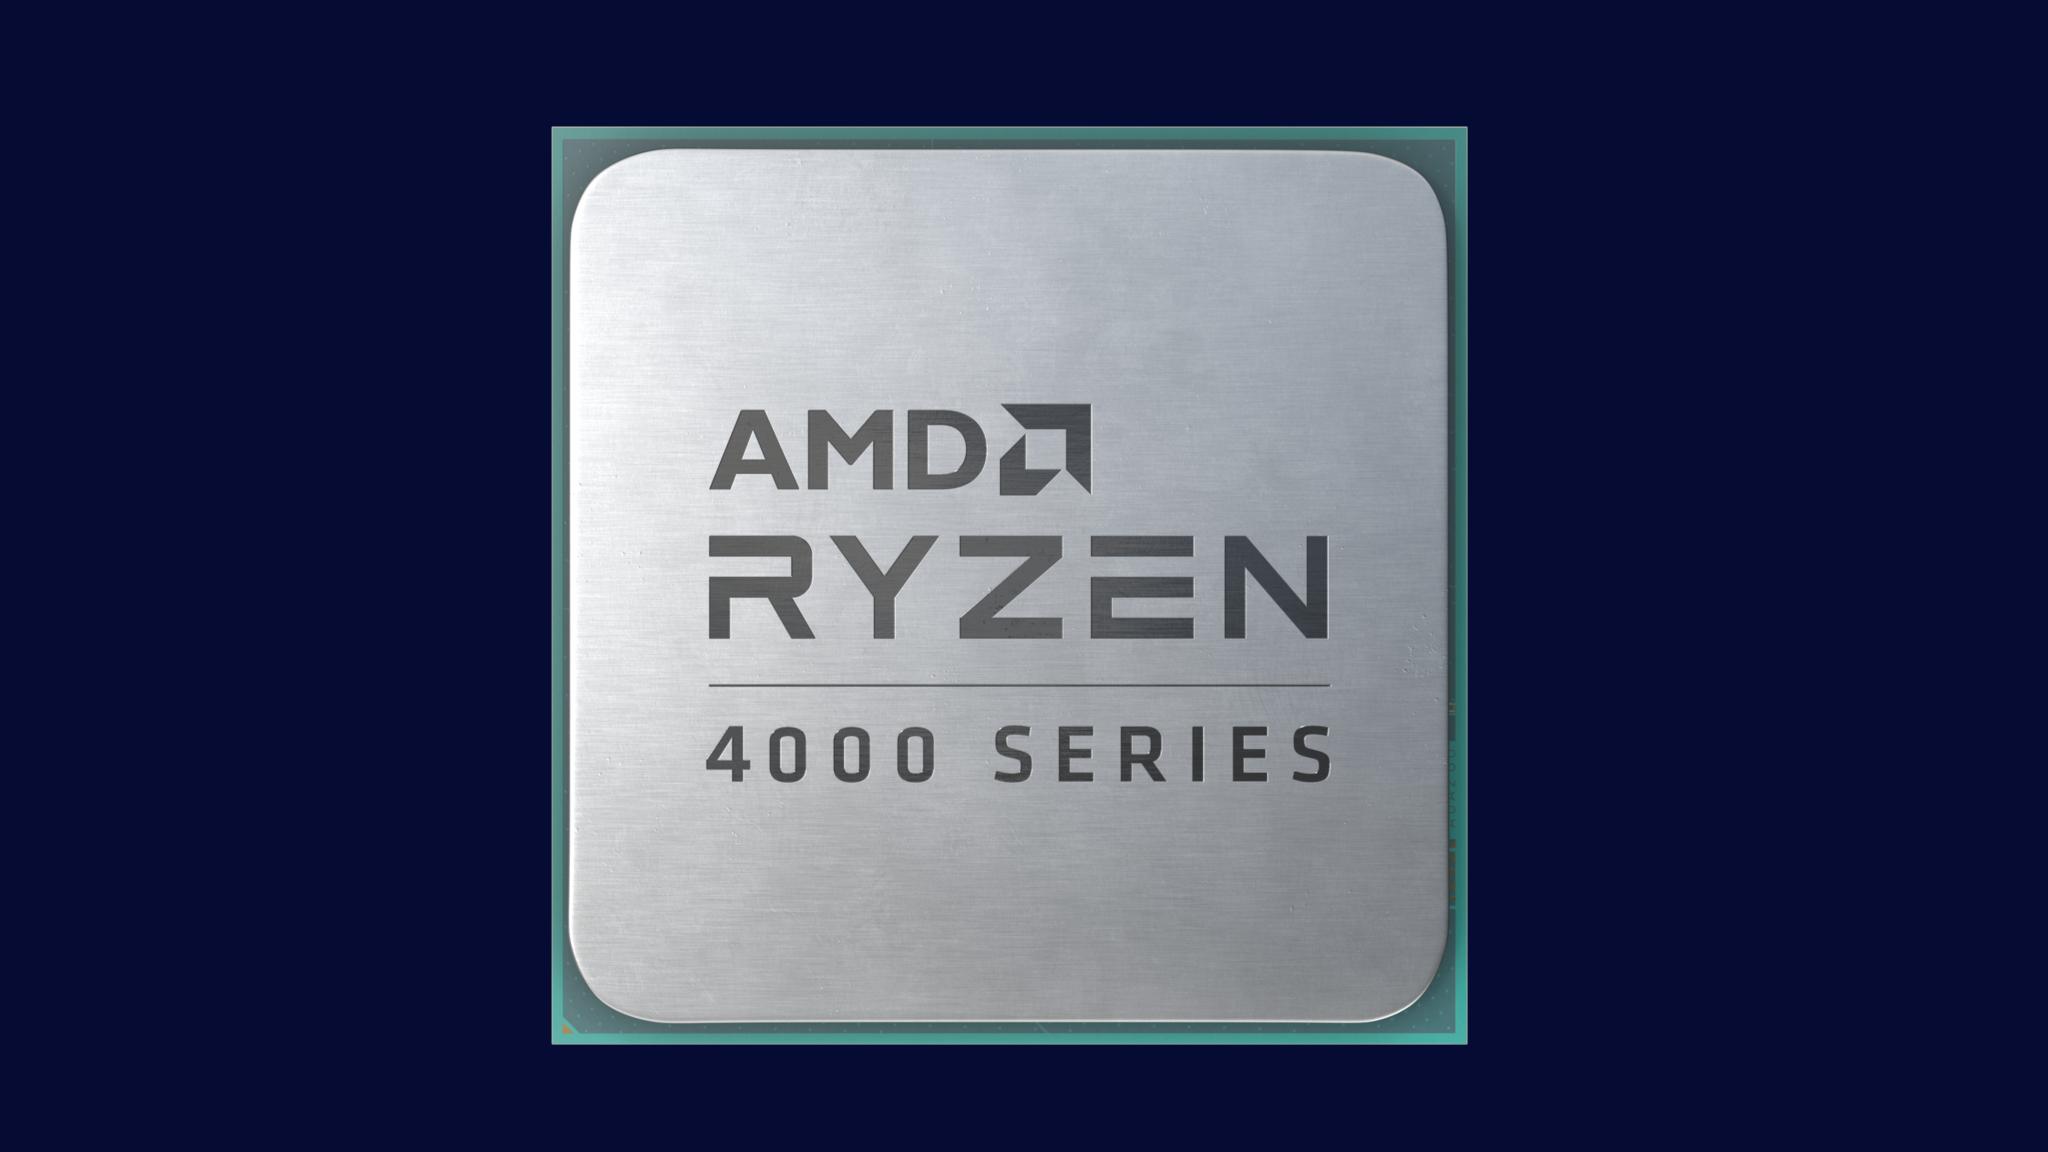 Amd Ryzen 4000 Desktop Apus Will Be Here In Q3 2020 Ars Technica